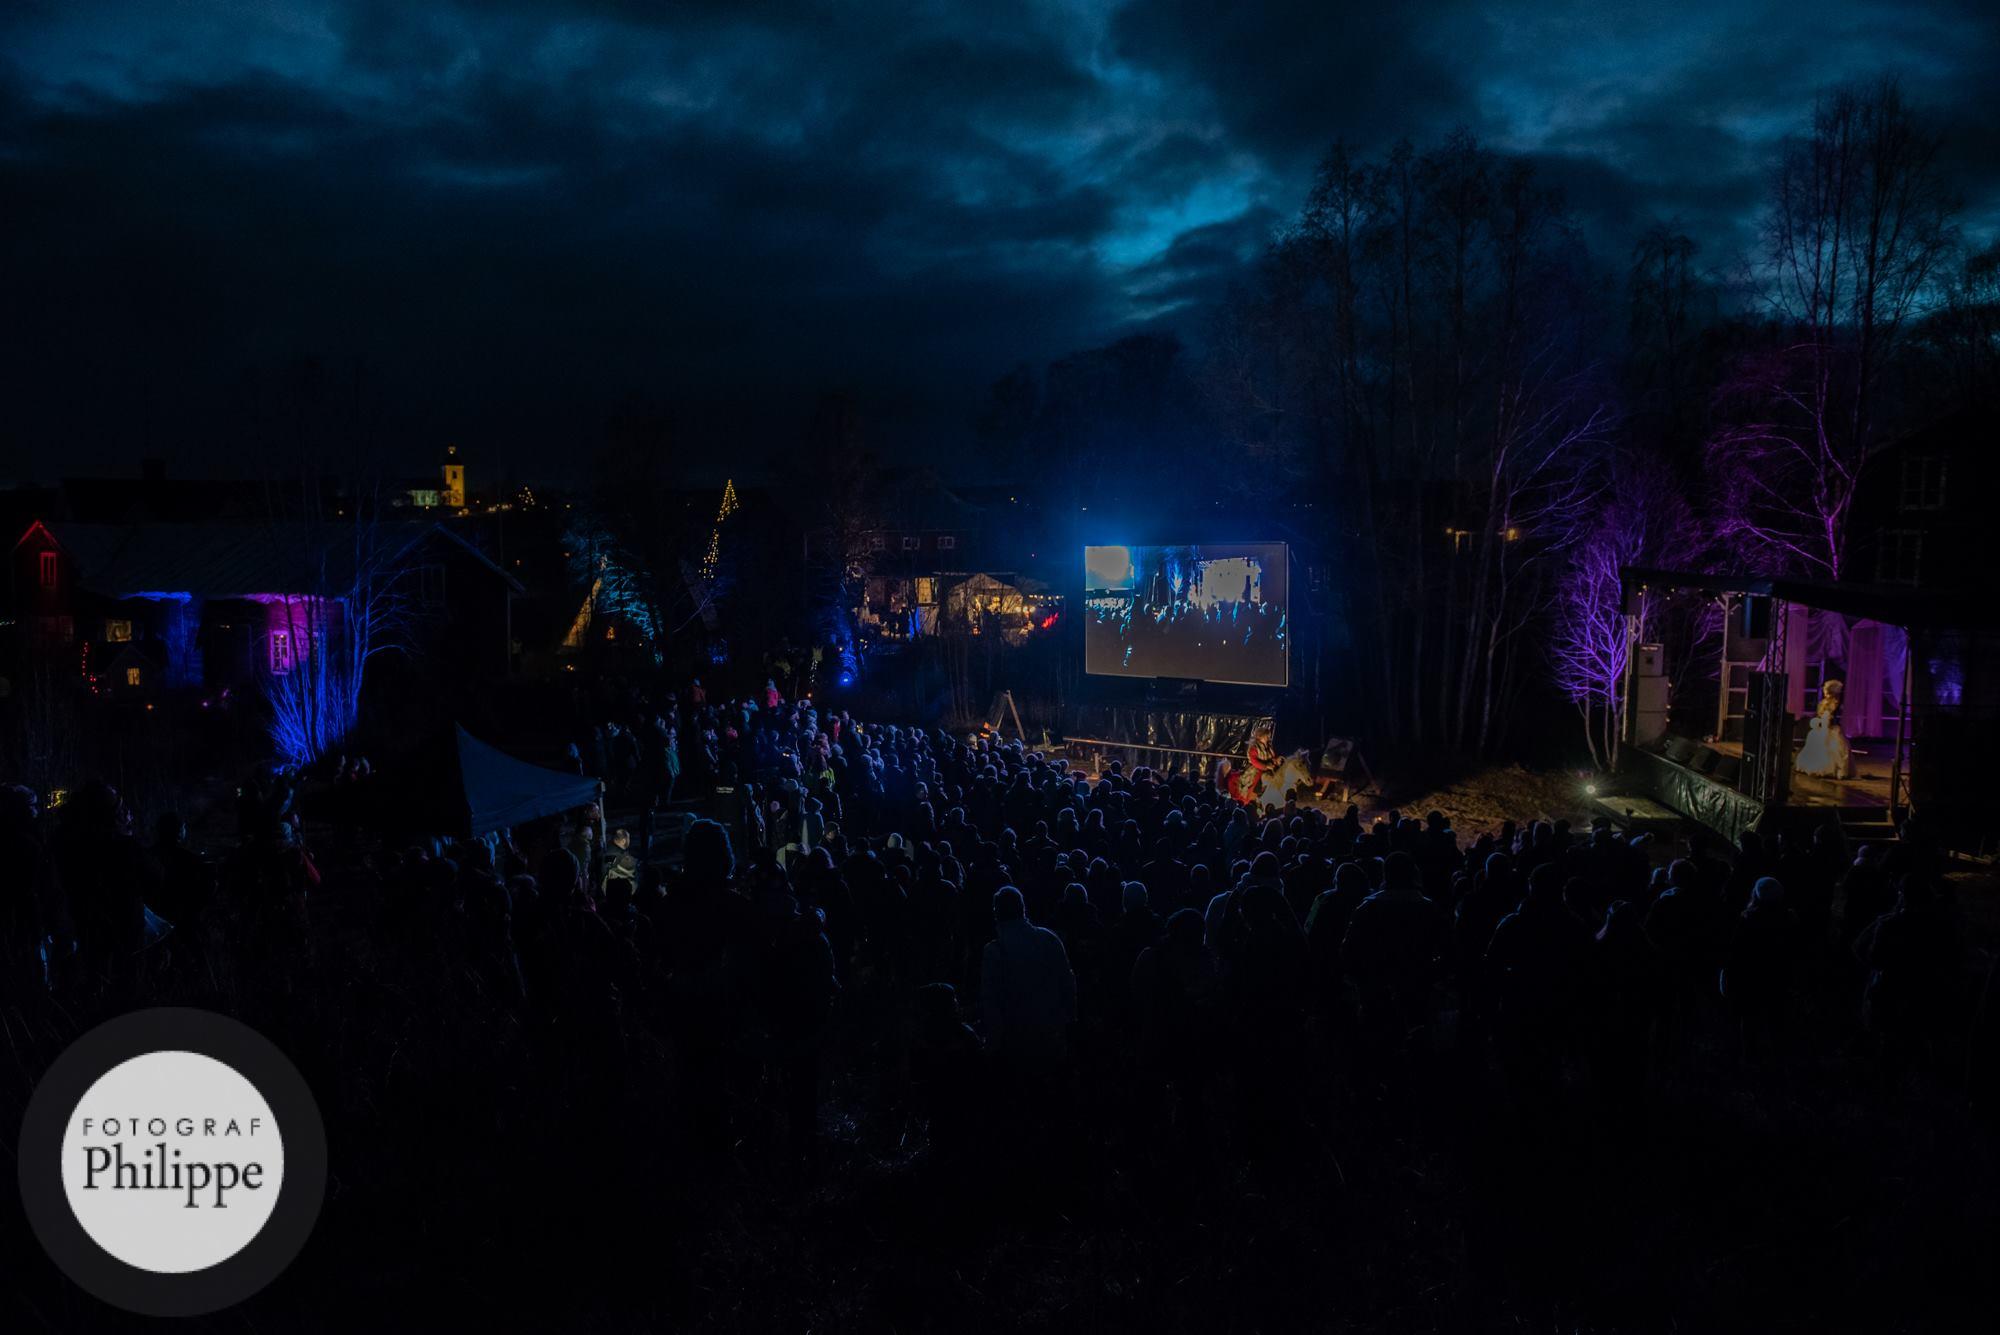 Midvinterglöd 2015, Fjäderfall hos Skulls & Bones Artwork i Jättendal, Hälsingland. Över 1600 personer firade tillsammans glöden i midvintertid. Foto: Philippe Rendu